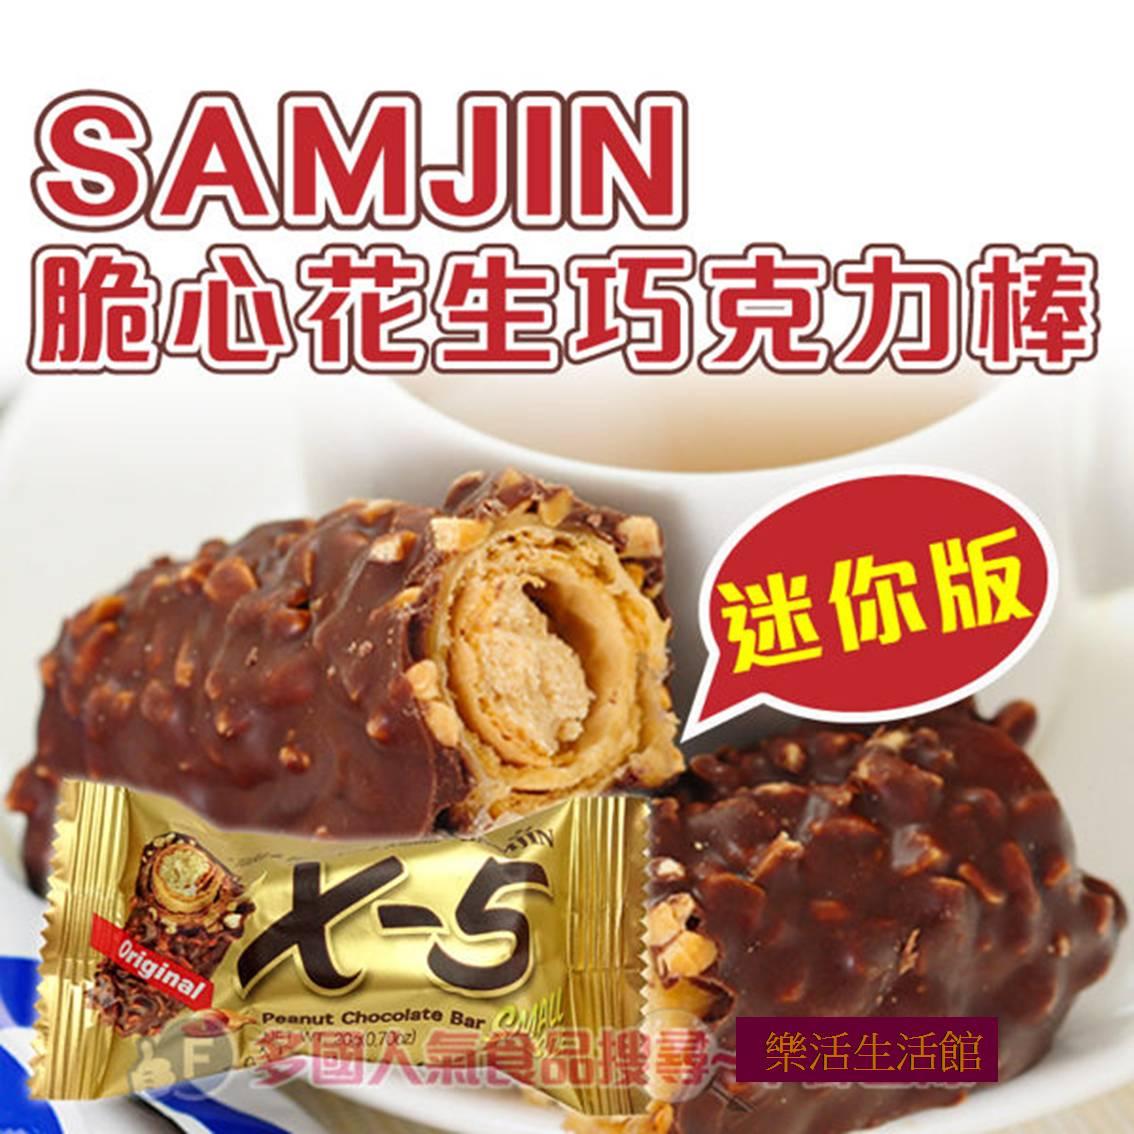 韓國 Samjin X-5迷你版脆心花生巧克力棒 樂活生活館